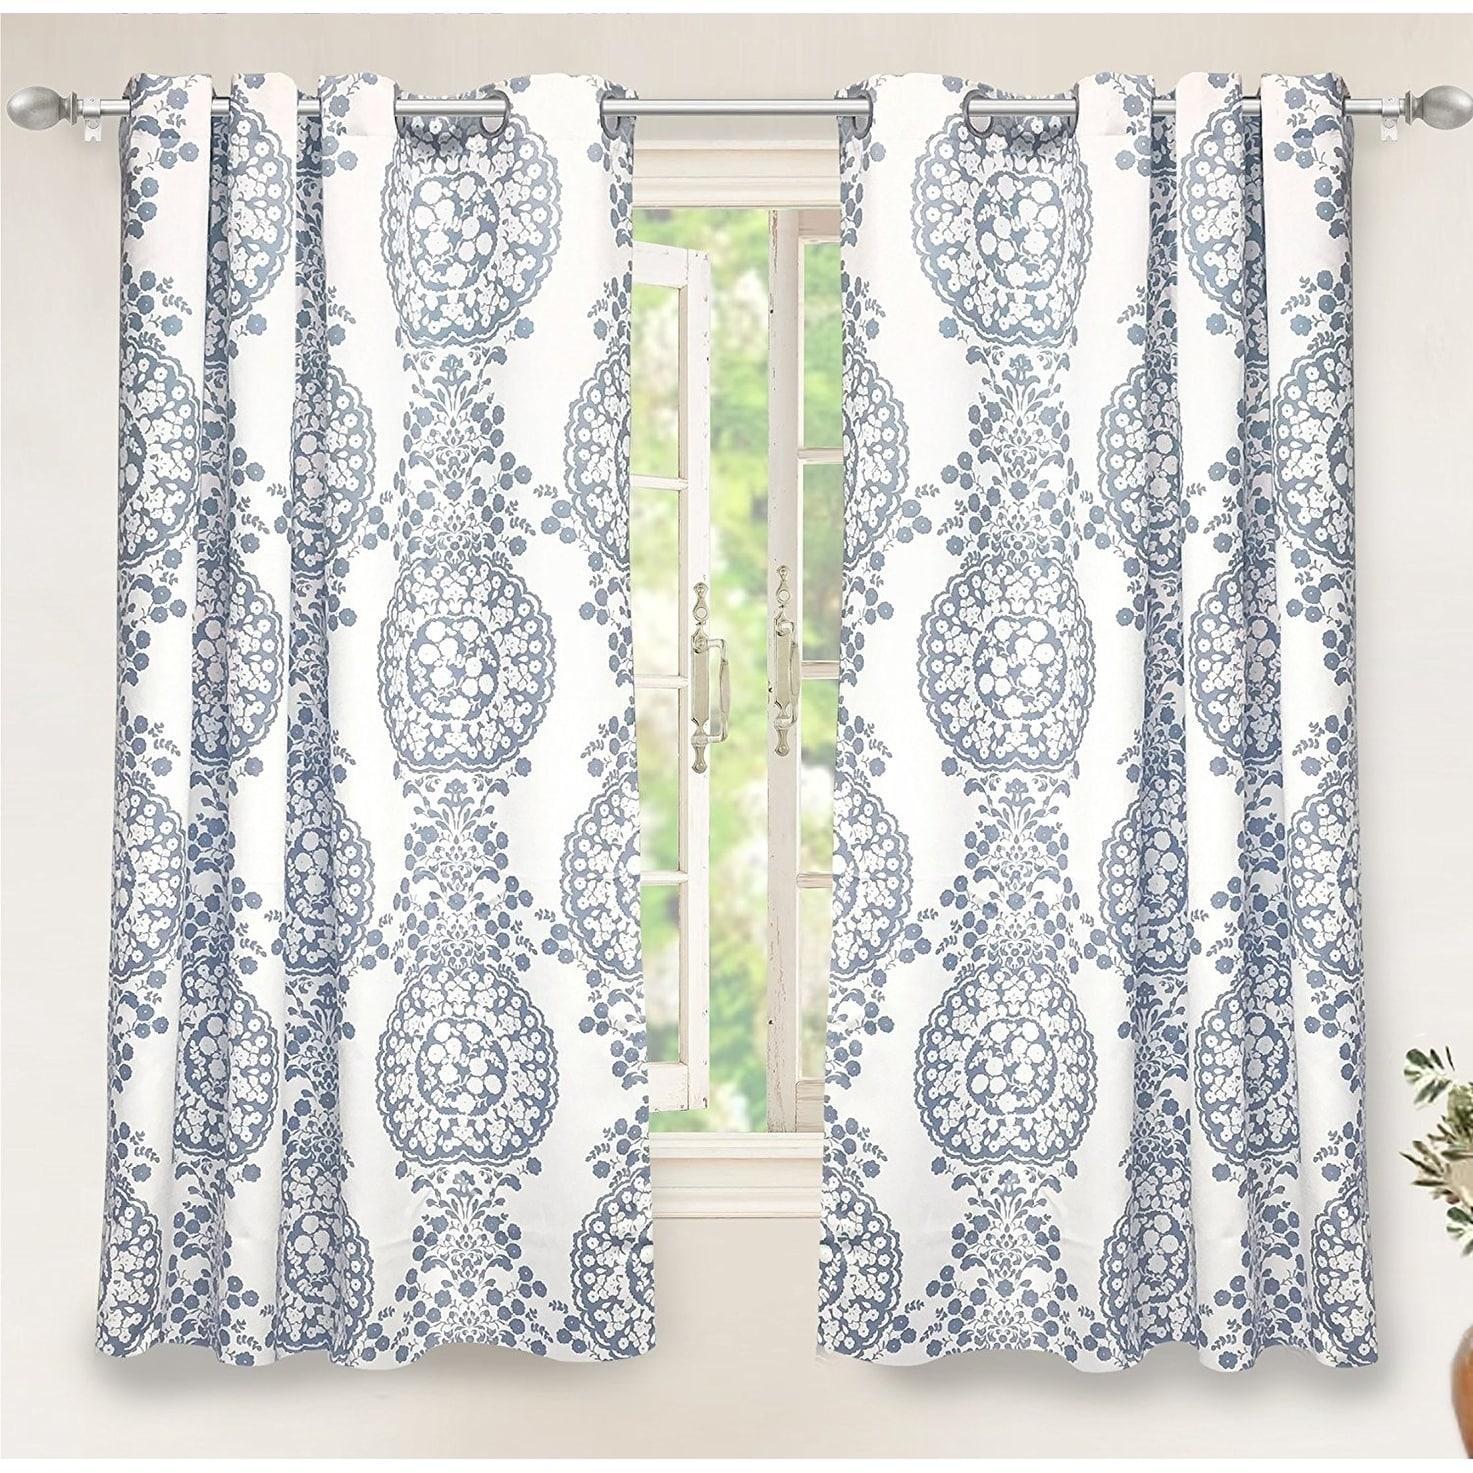 Driftaway Samantha Thermal/room Darkening Window Curtain Pertaining To Pastel Damask Printed Room Darkening Grommet Window Curtain Panel Pairs (View 5 of 20)